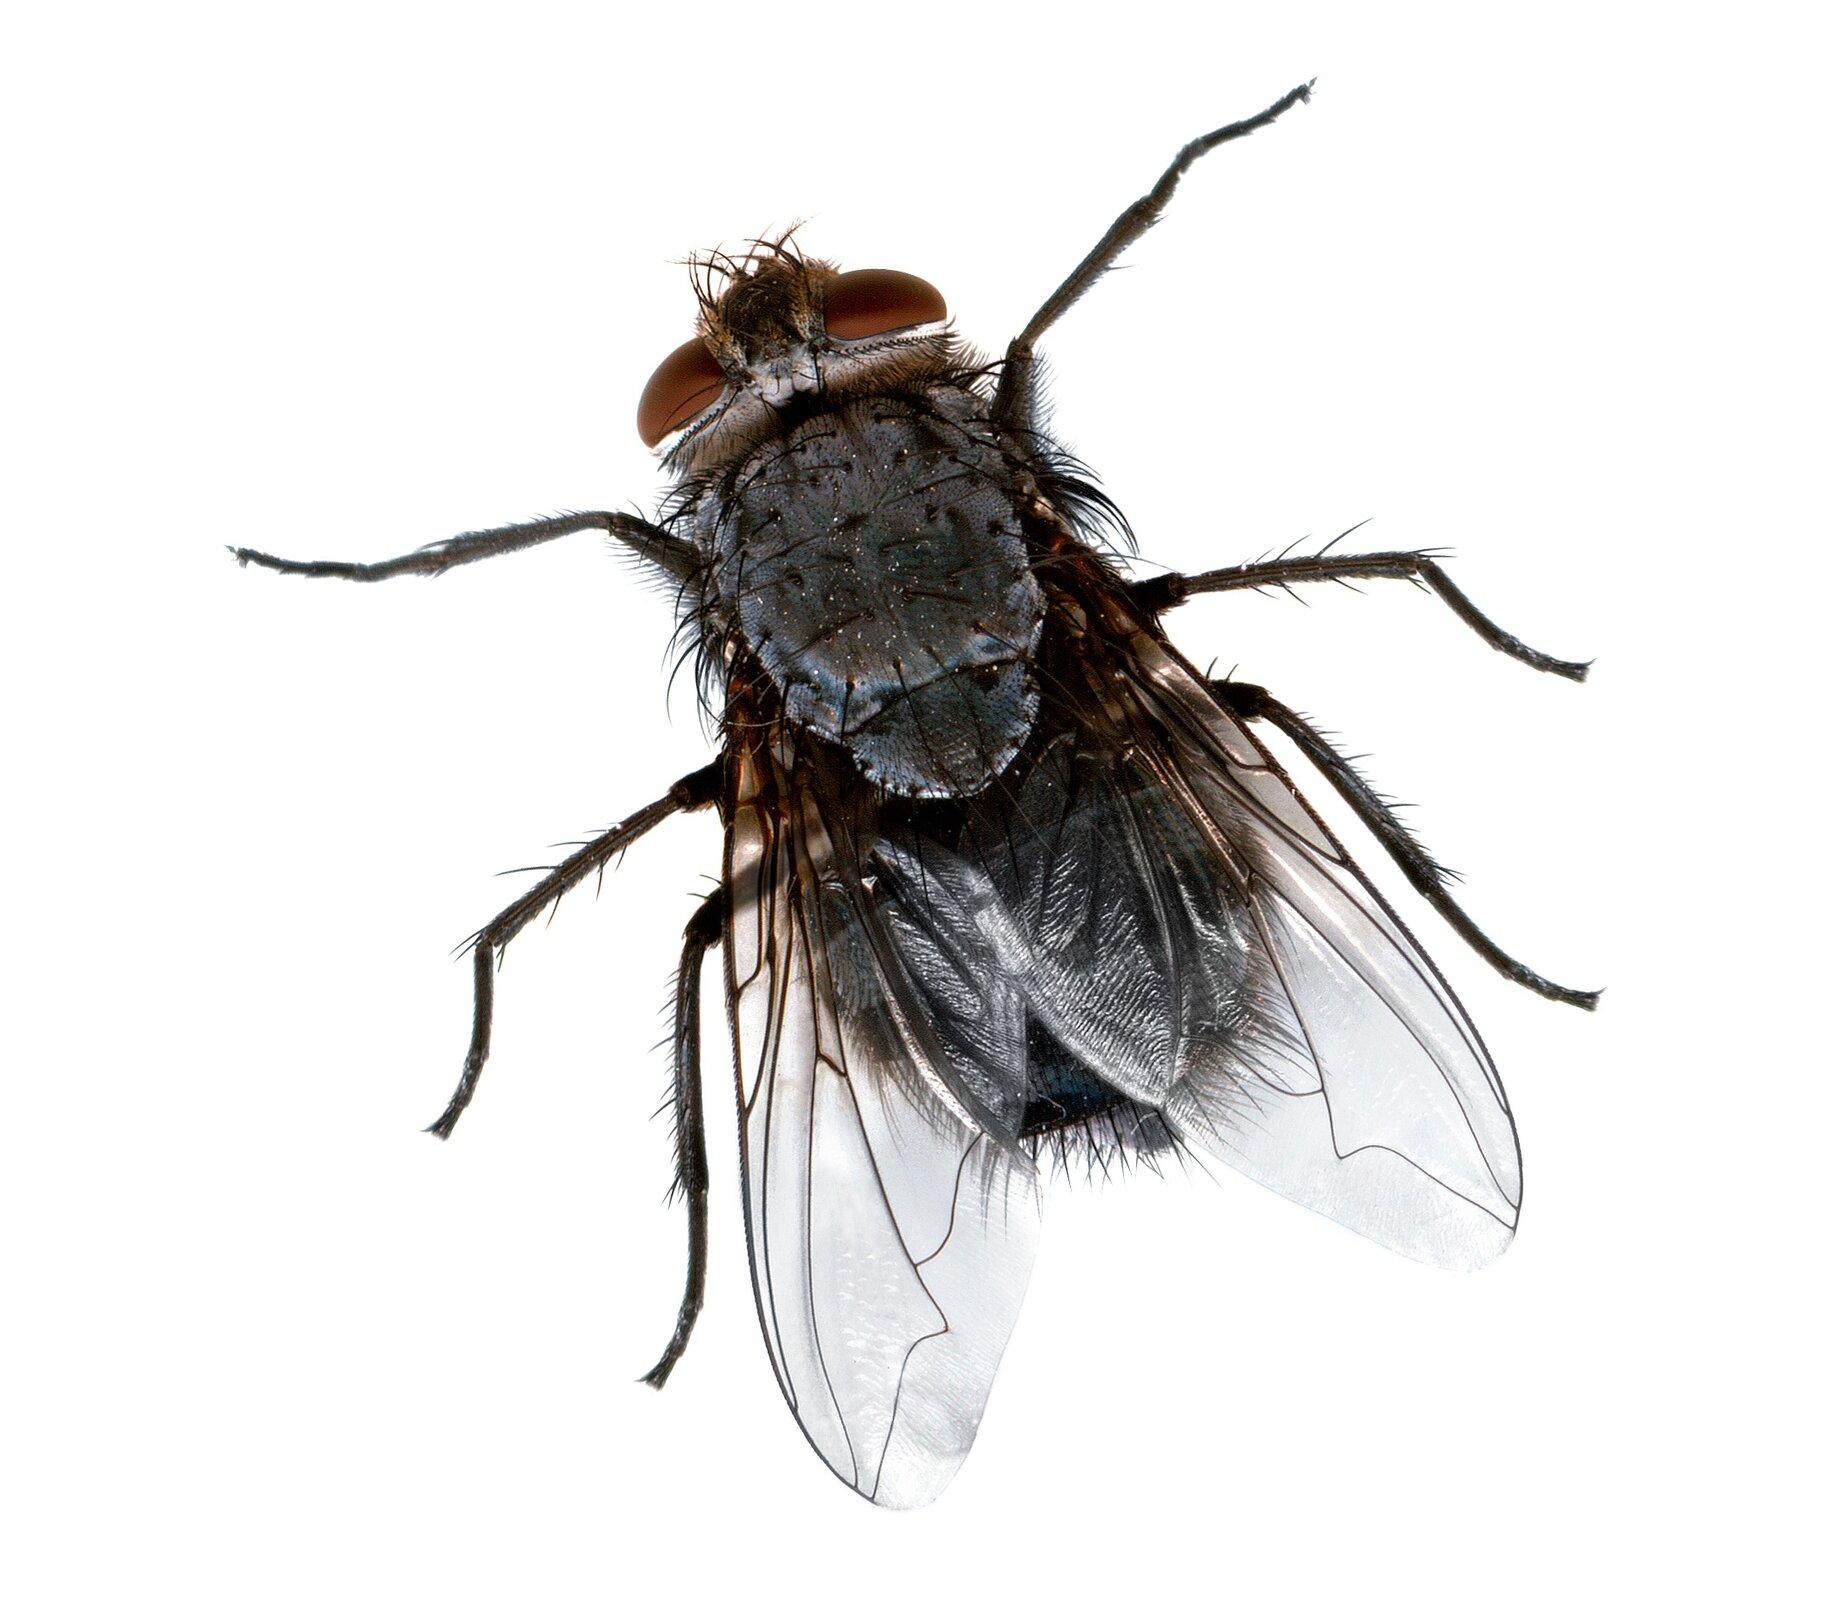 Fotografia muchy. Zwierzę ma krępe ciało. Po lewej stronie na górze znajduje się głowa wyposażona wdwoje dużych brązowych oczu. Mucha posiada trzy pary odnóży ijedną parę skrzydeł złożonych wzdłuż ciała.